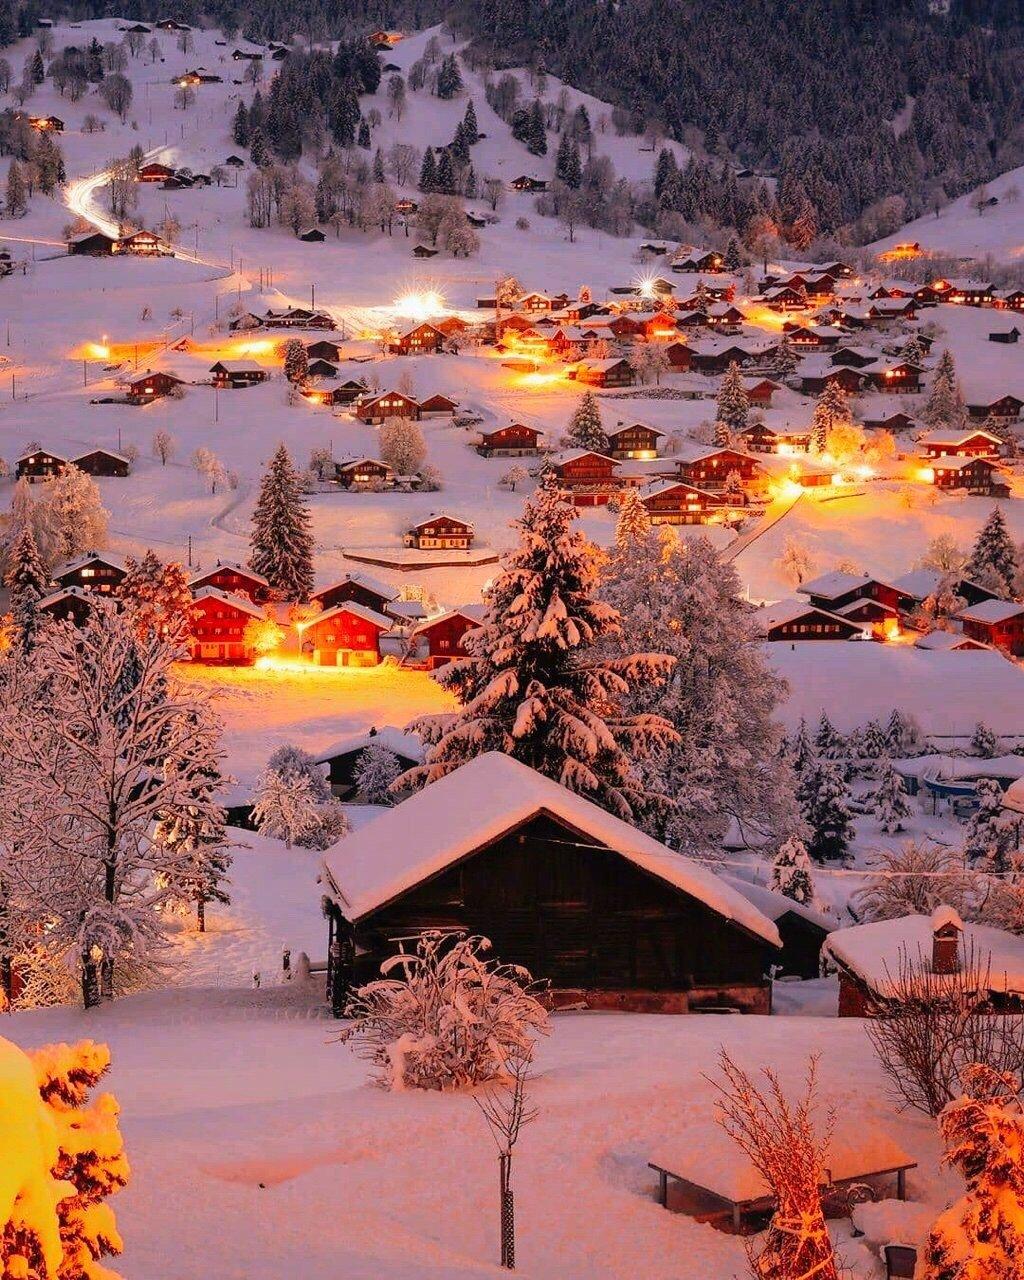 冬夜的瑞士,纯净又温暖,童话世界般美好。